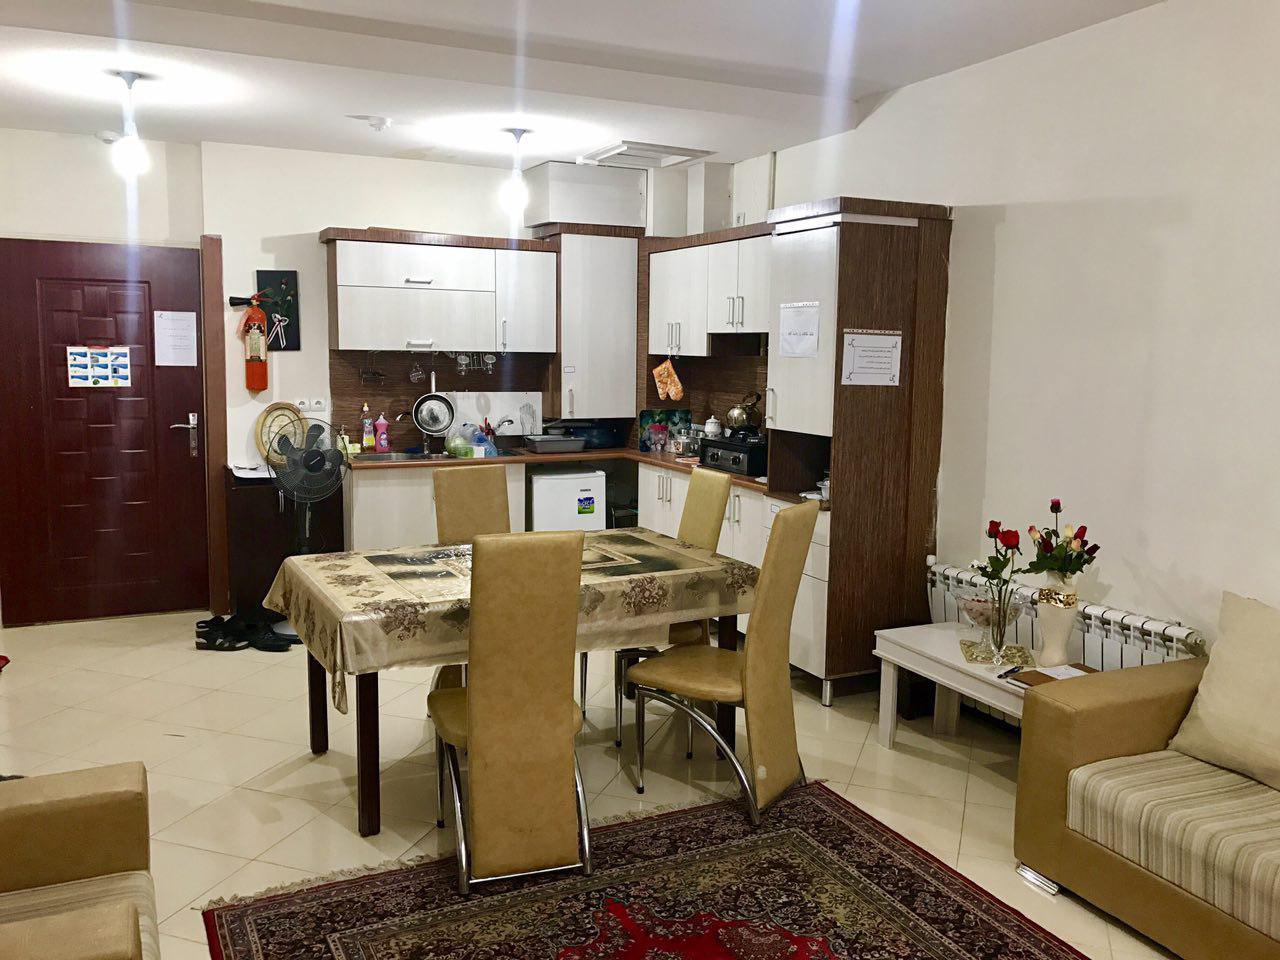 آپارتمان اجاره ای روزانه در همدان جهت کرایه کوتاه مدت